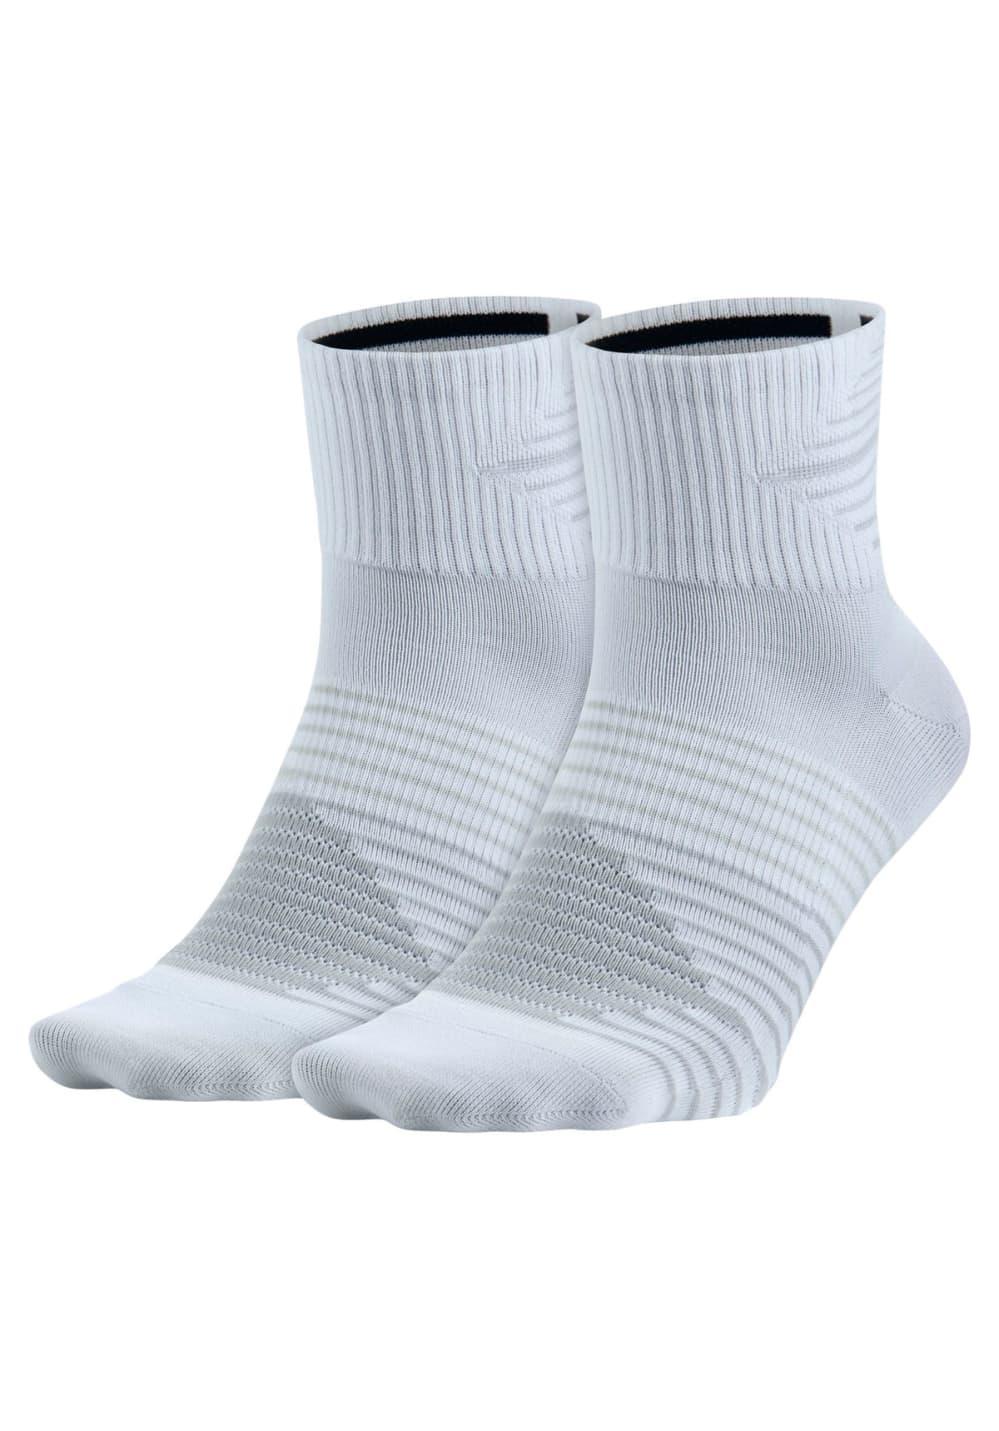 Nike Lightweight Quarter Sock (2 Pair) Laufsocken - Weiß, Gr. M